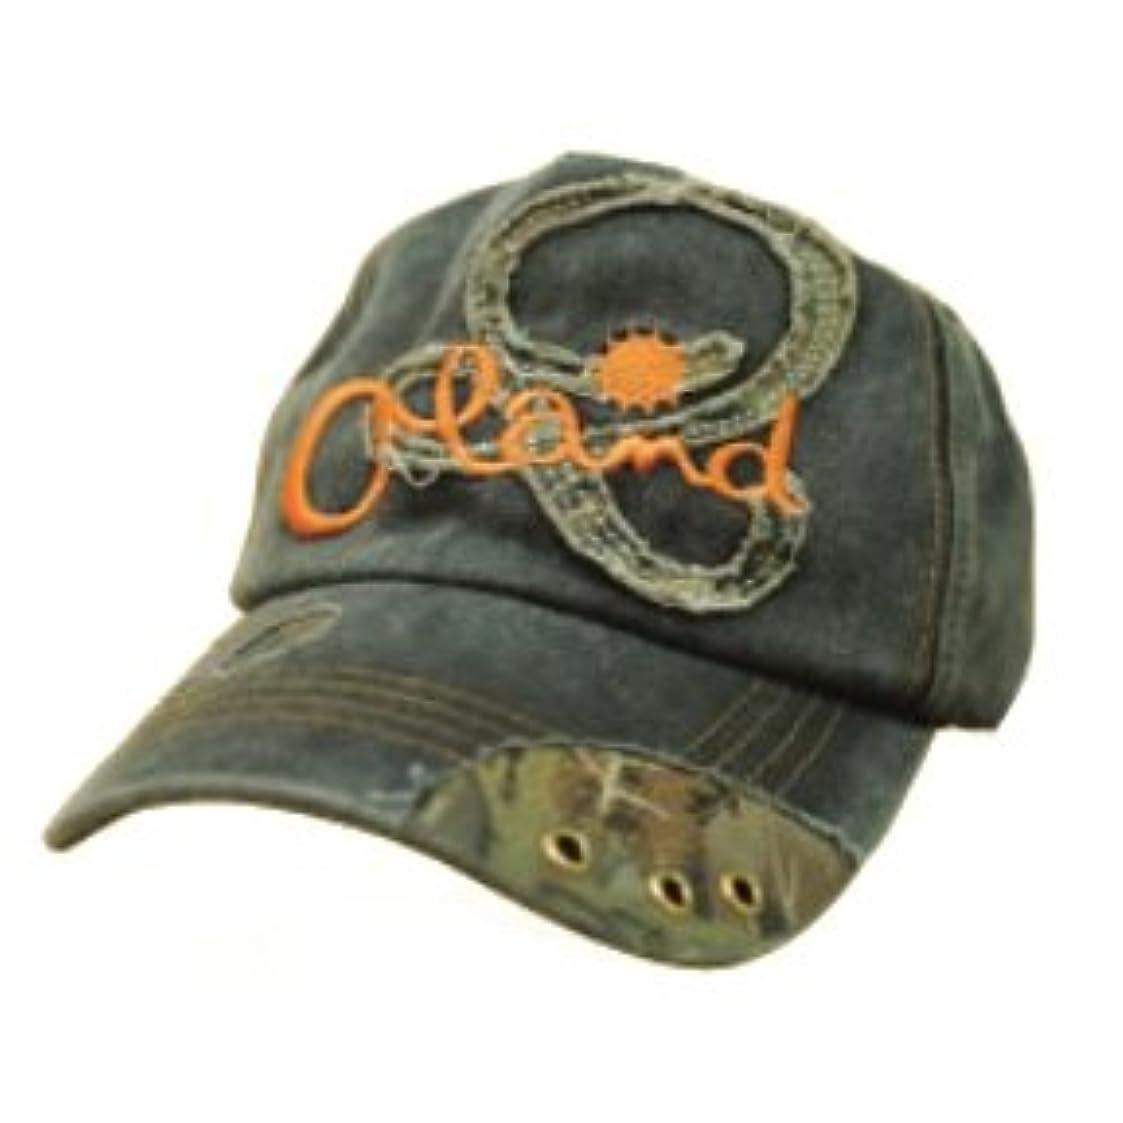 デコレーションソファー親密な【Oland/オーランド】帽子(CAPS) タイプA L グレー 321089 キャップ ボウシ ウェア キャップ帽